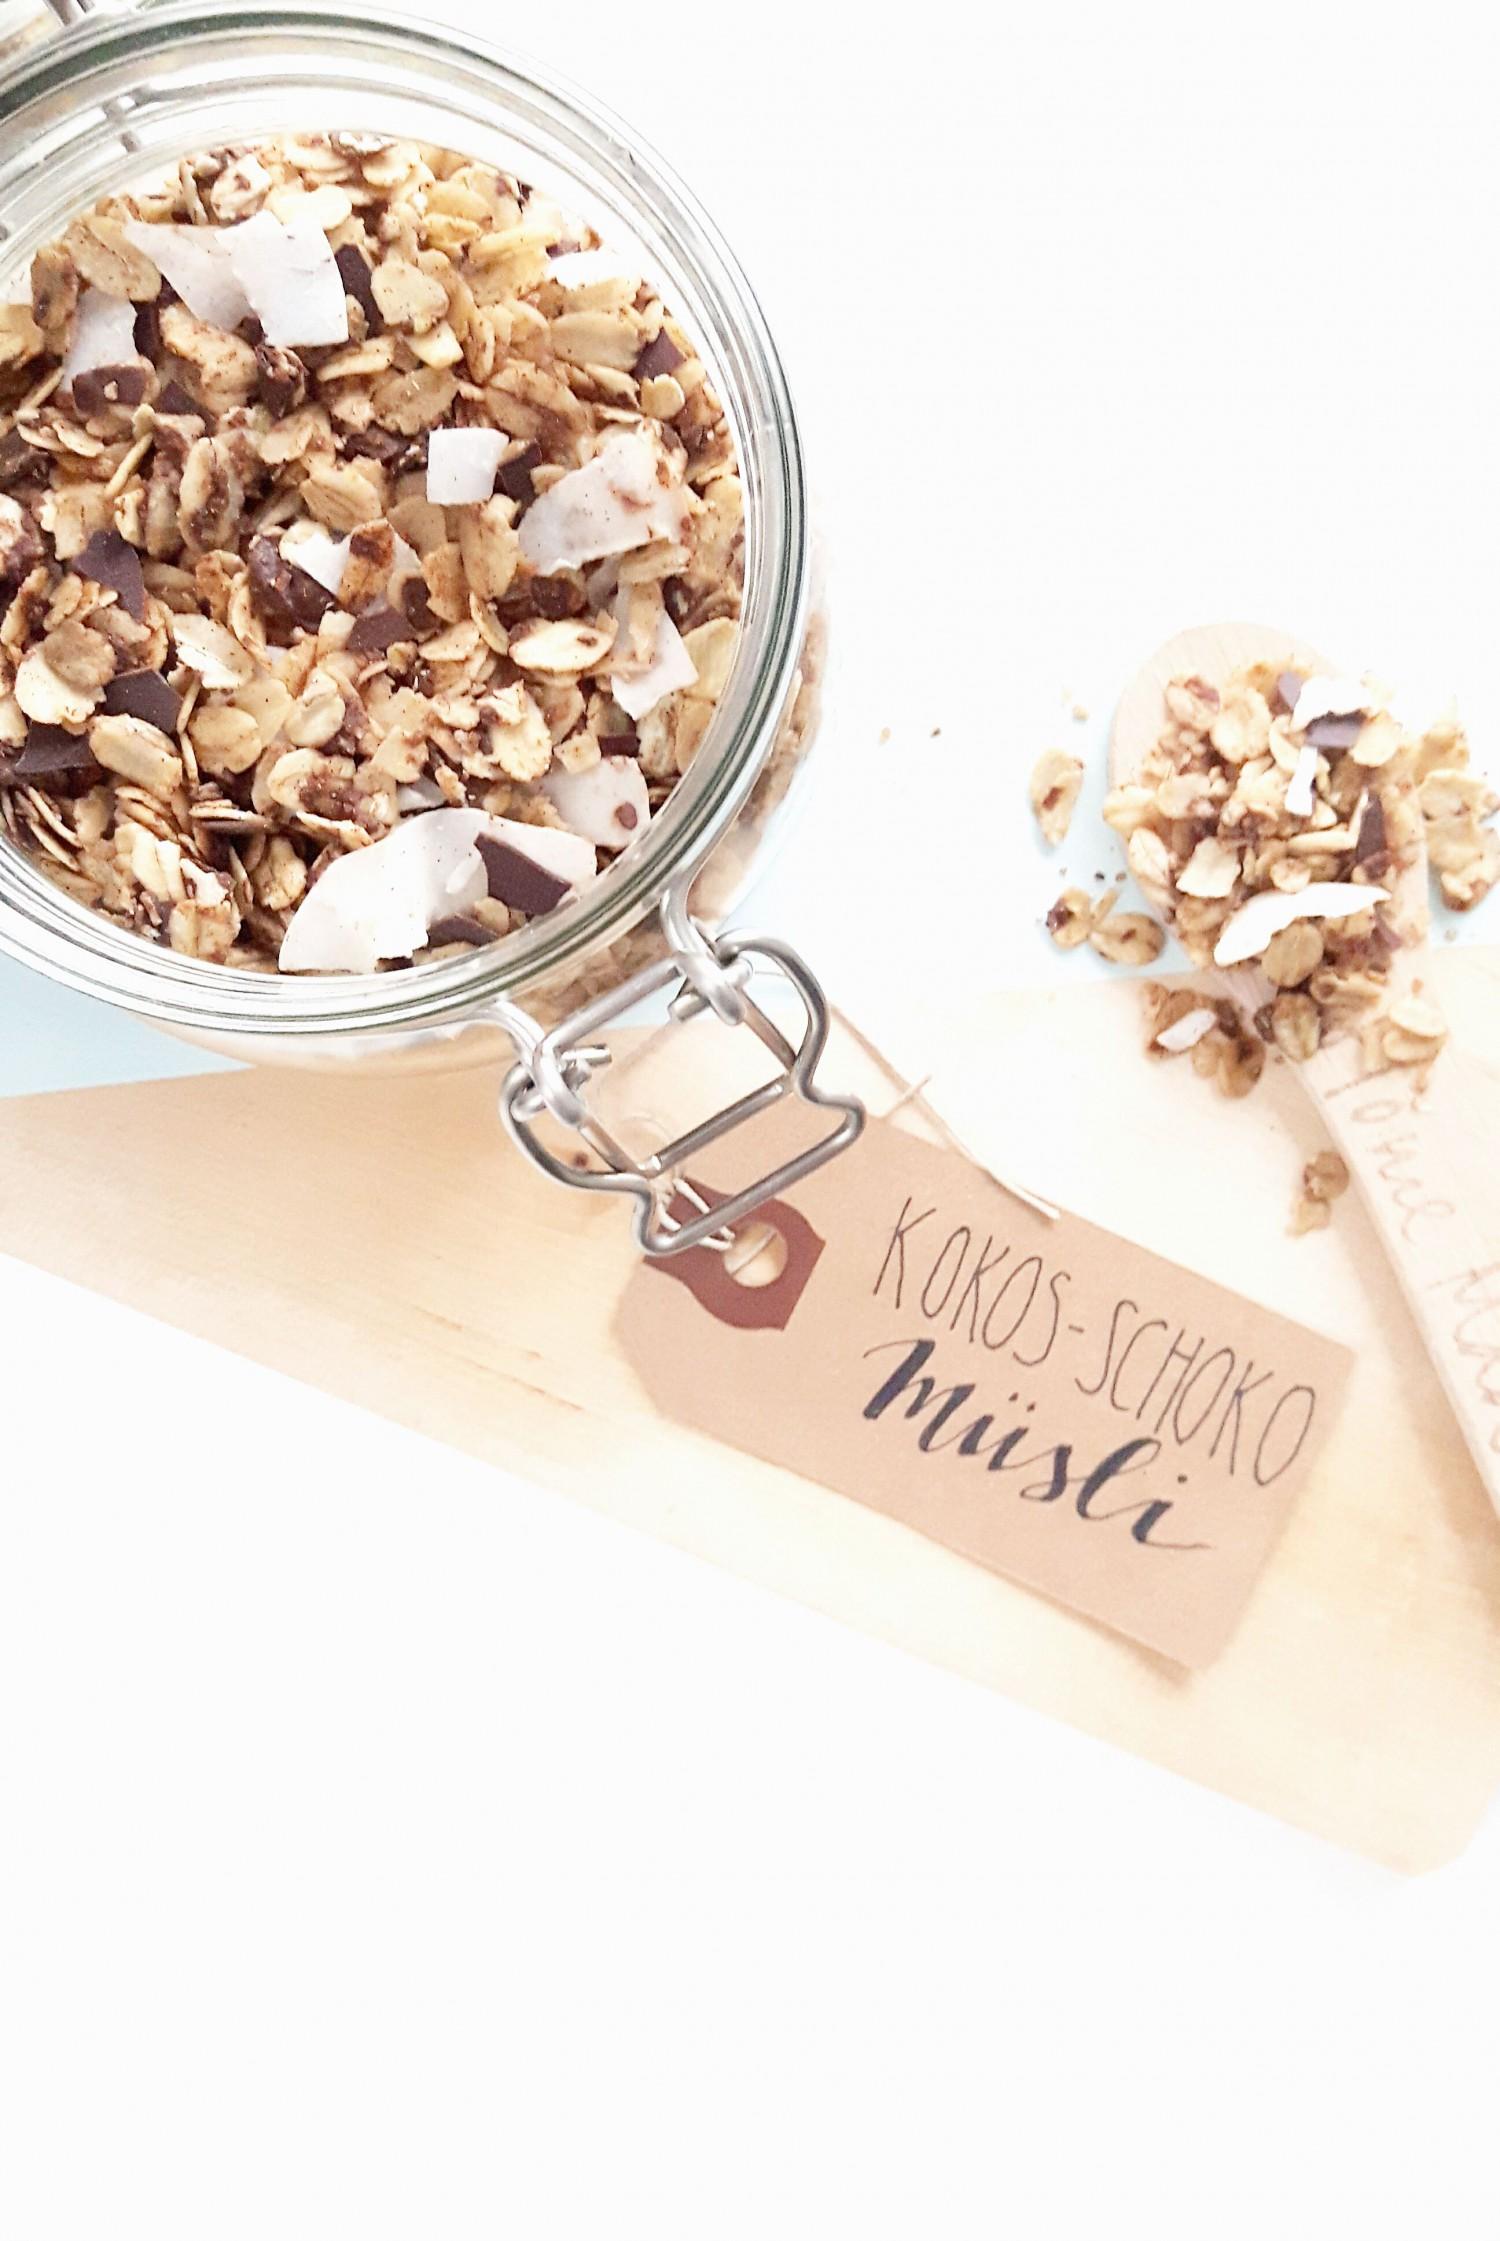 schoko-kokos-granola-5